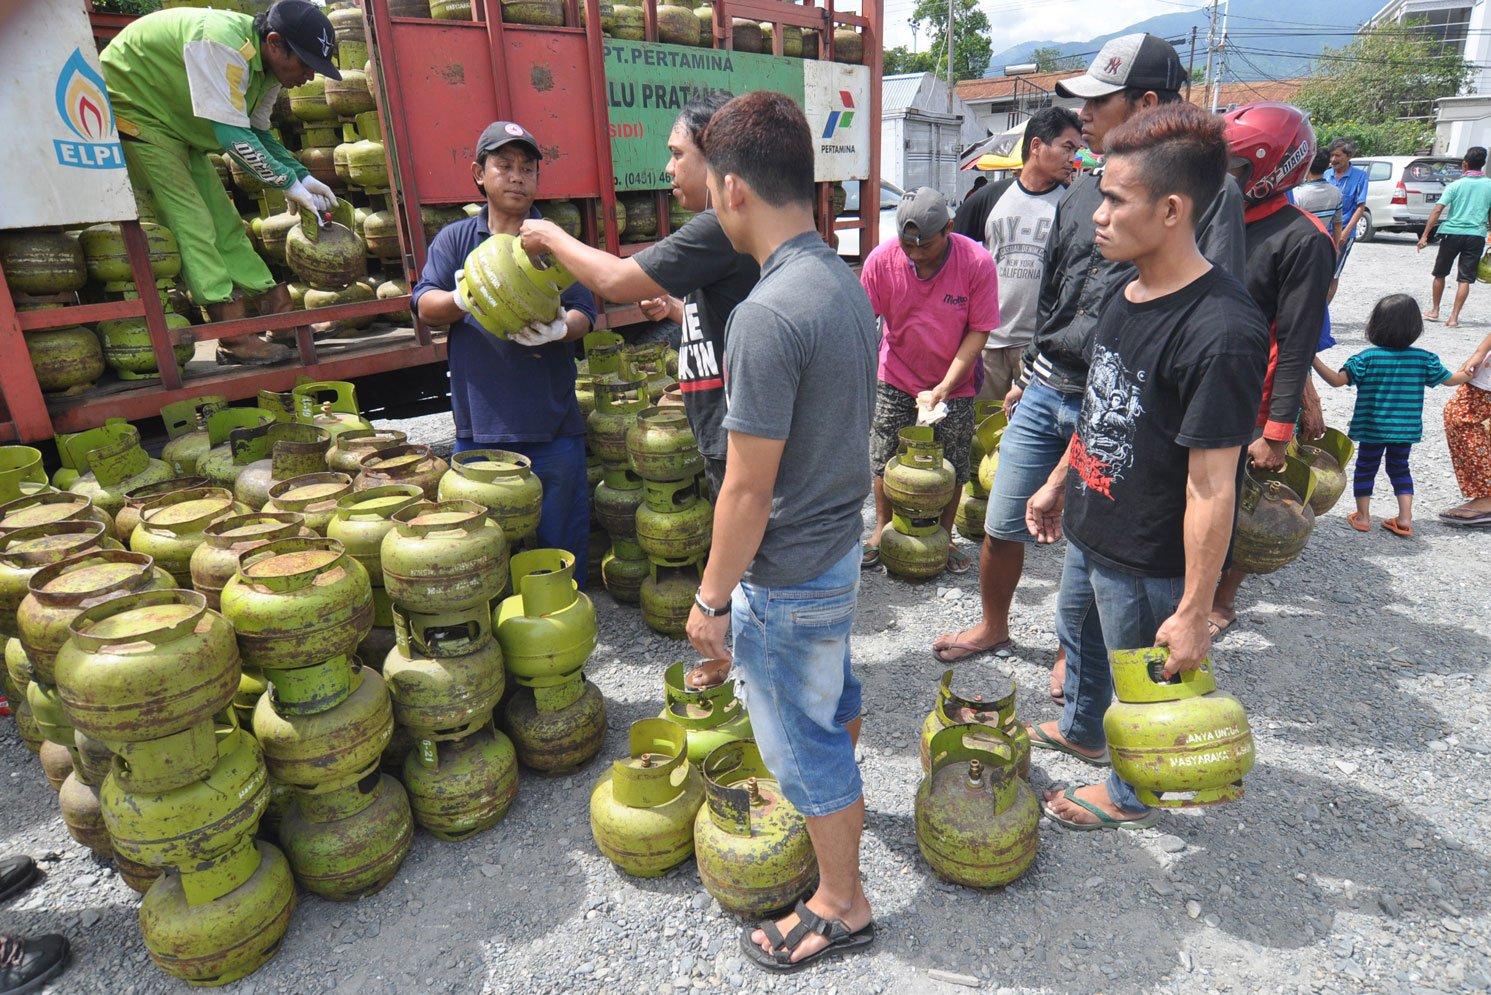 Masyarakat Palu, Sulawesi Tengah, memburu elpiji 3 kilogram dalam operasi pasar pada Selasa (5/12). Pertamina menyatakan persedian di wilayah Sulawesi Tengah selama Desember 2017 sekitar 1.297.520 tabung atau naik sekitar 11% dibanding Desember tahun lalu.